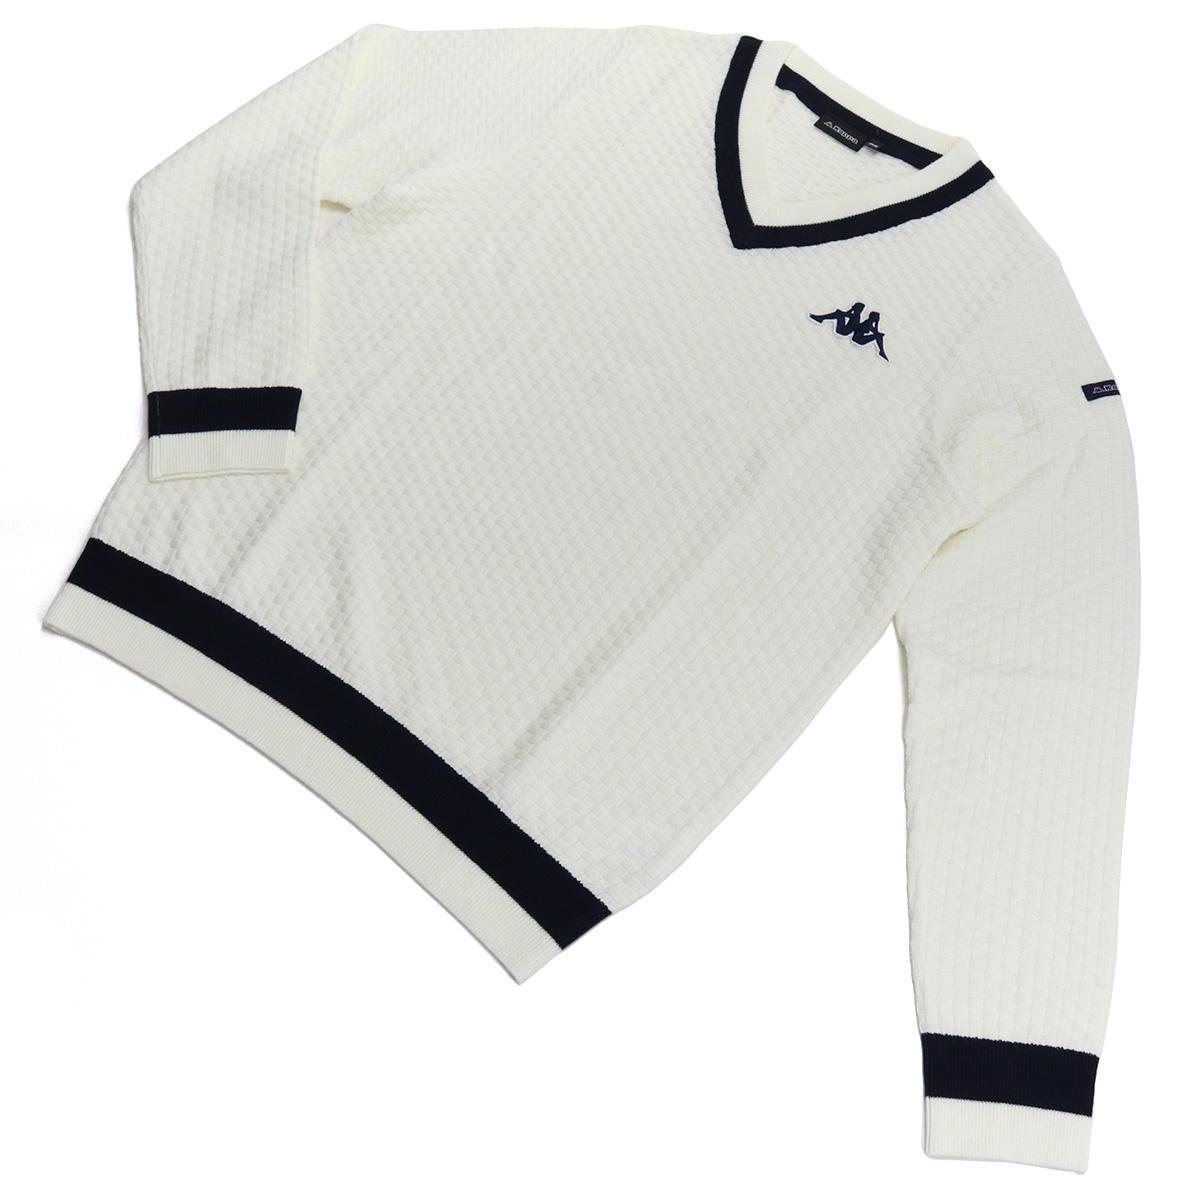 ※ 送料無料 ラッピング無料 Special Price 再入荷/予約販売! カッパ 1着でも送料無料 KAPPA GOLF WT メンズ-セーター,ニット ホワイト系 golf-01 KG952SW41